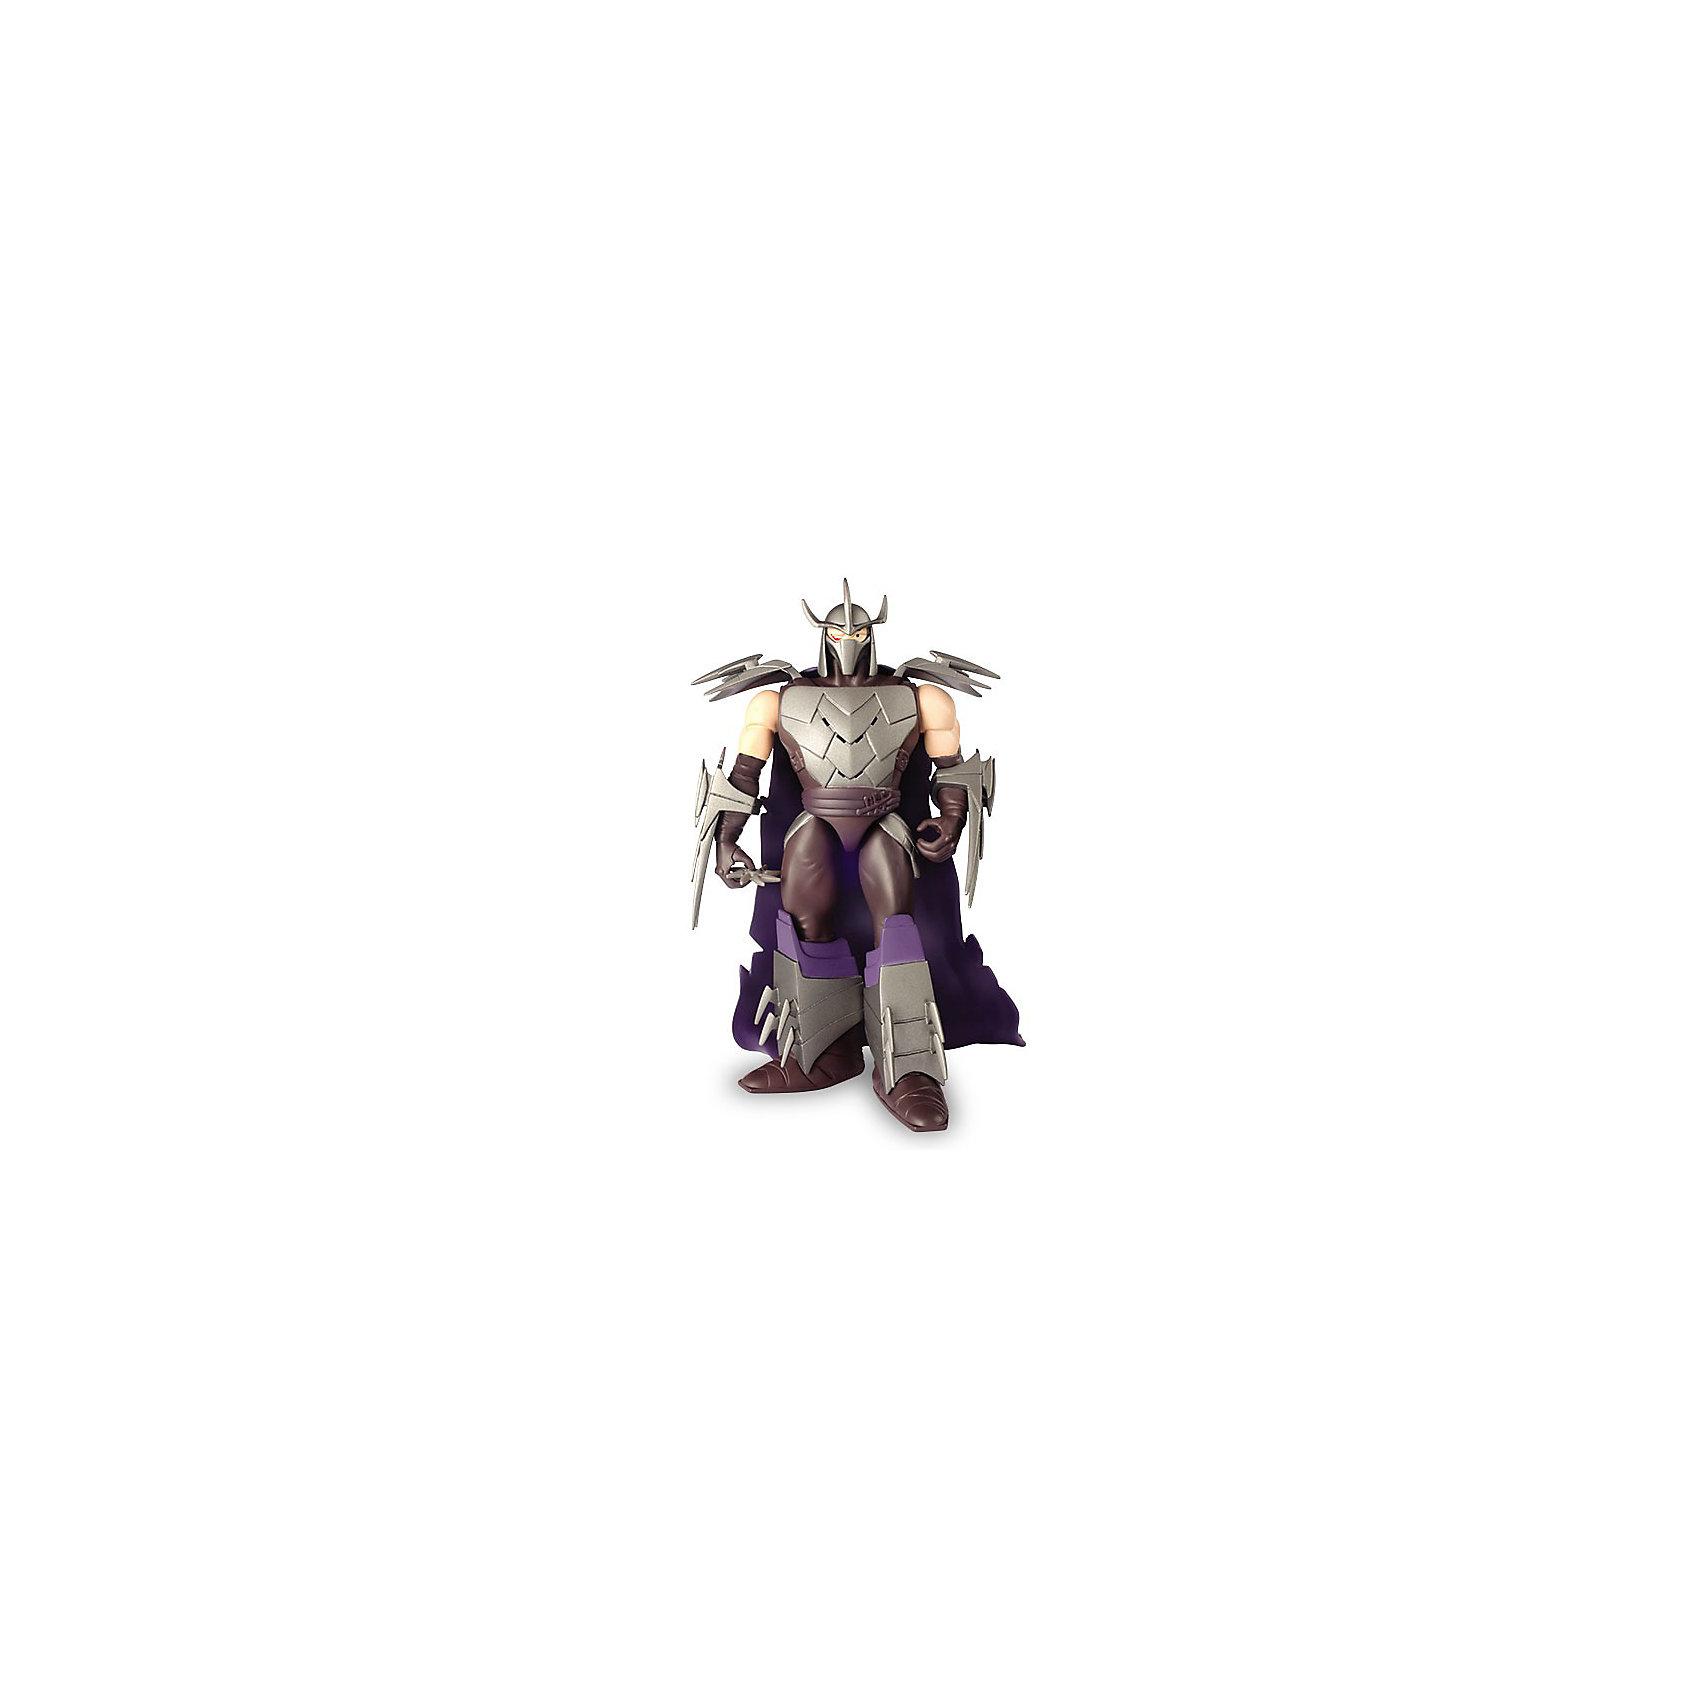 Фигурка Шреддер со звуком, 15 см, Черепашки НиндзяФигурка «Черепашка - ниндзя» Шредер (15см  со звуковыми эффектами, отрицательный персонаж). Все фигурки «Черепашек - ниндзя» «звуковой серии» озвучены актерами, чей голос мы слышали в мультипликационном сериале «Черепашки - ниндзя» 2012 г., что делает игру максимально реалистичной.<br>Шреддер – недружелюбный  мастер-ниндзя по имени Ороку Саки, который стоит во главе клана Фут. Противник Сплинтера и «Черепашек-ниндзя».<br>Чтобы активировать звуковые эффекты,  необходимо потянуть за руку или ногу фигурки (фразы на английском языке).<br>При игре с фигуркой  «Черепашки-ниндзя» Шредер во взаимодействии с другими персонажами мультфильма, у вашего ребенка активно развивается воображение, слух, мелкая моторика, формируются навыки ролевой игры, навык воспроизведения сцен из мультфильма. Одновременно игрушка примет участие в развитии речи с интонационным рисунком.  <br><br>Игра-манипуляция фигурками  способствует развитию положительных качеств у ребенка:<br>- понимание разницы между добром и злом<br>- усидчивость, внимательность<br>- чувство справедливости<br><br>Выбери, на чьей ты стороне!<br><br>Дополнительная информация:<br><br>- В комплекте: фигурка Шредер<br>- Размер фигурки 15 см.<br>- Размер упаковки (Ш х В х Г): 19 х 30 х 8 см.<br>- Материал: пластик<br>- Батарейки: 3 батарейки типа таблетка - LR44/AG13 (в комплекте)<br>- Вес: 0,383 кг.<br><br>Фигурку «Черепашки Ниндзя, Шредер, со звуком» (Ninja Turtles) можно купить в нашем интернет-магазине.<br><br>Ширина мм: 190<br>Глубина мм: 80<br>Высота мм: 305<br>Вес г: 437<br>Возраст от месяцев: 48<br>Возраст до месяцев: 132<br>Пол: Мужской<br>Возраст: Детский<br>SKU: 3384054